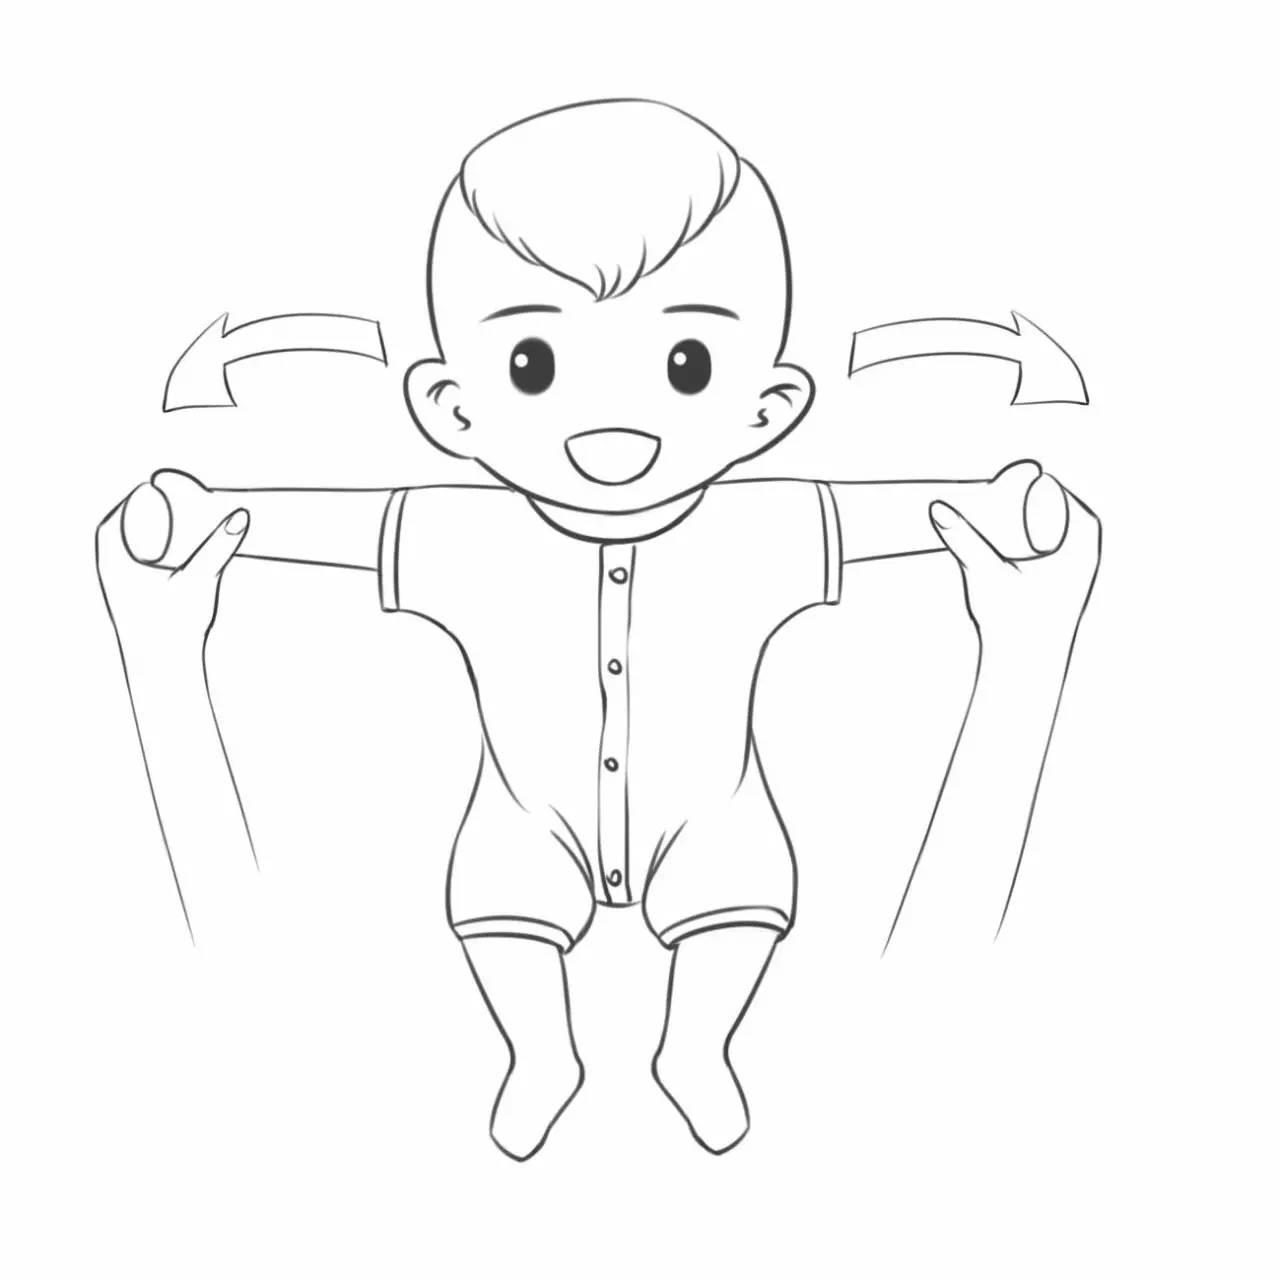 做操的过程中最好配有节奏舒缓的音乐,妈妈做操之前要和宝宝轻声说话.图片